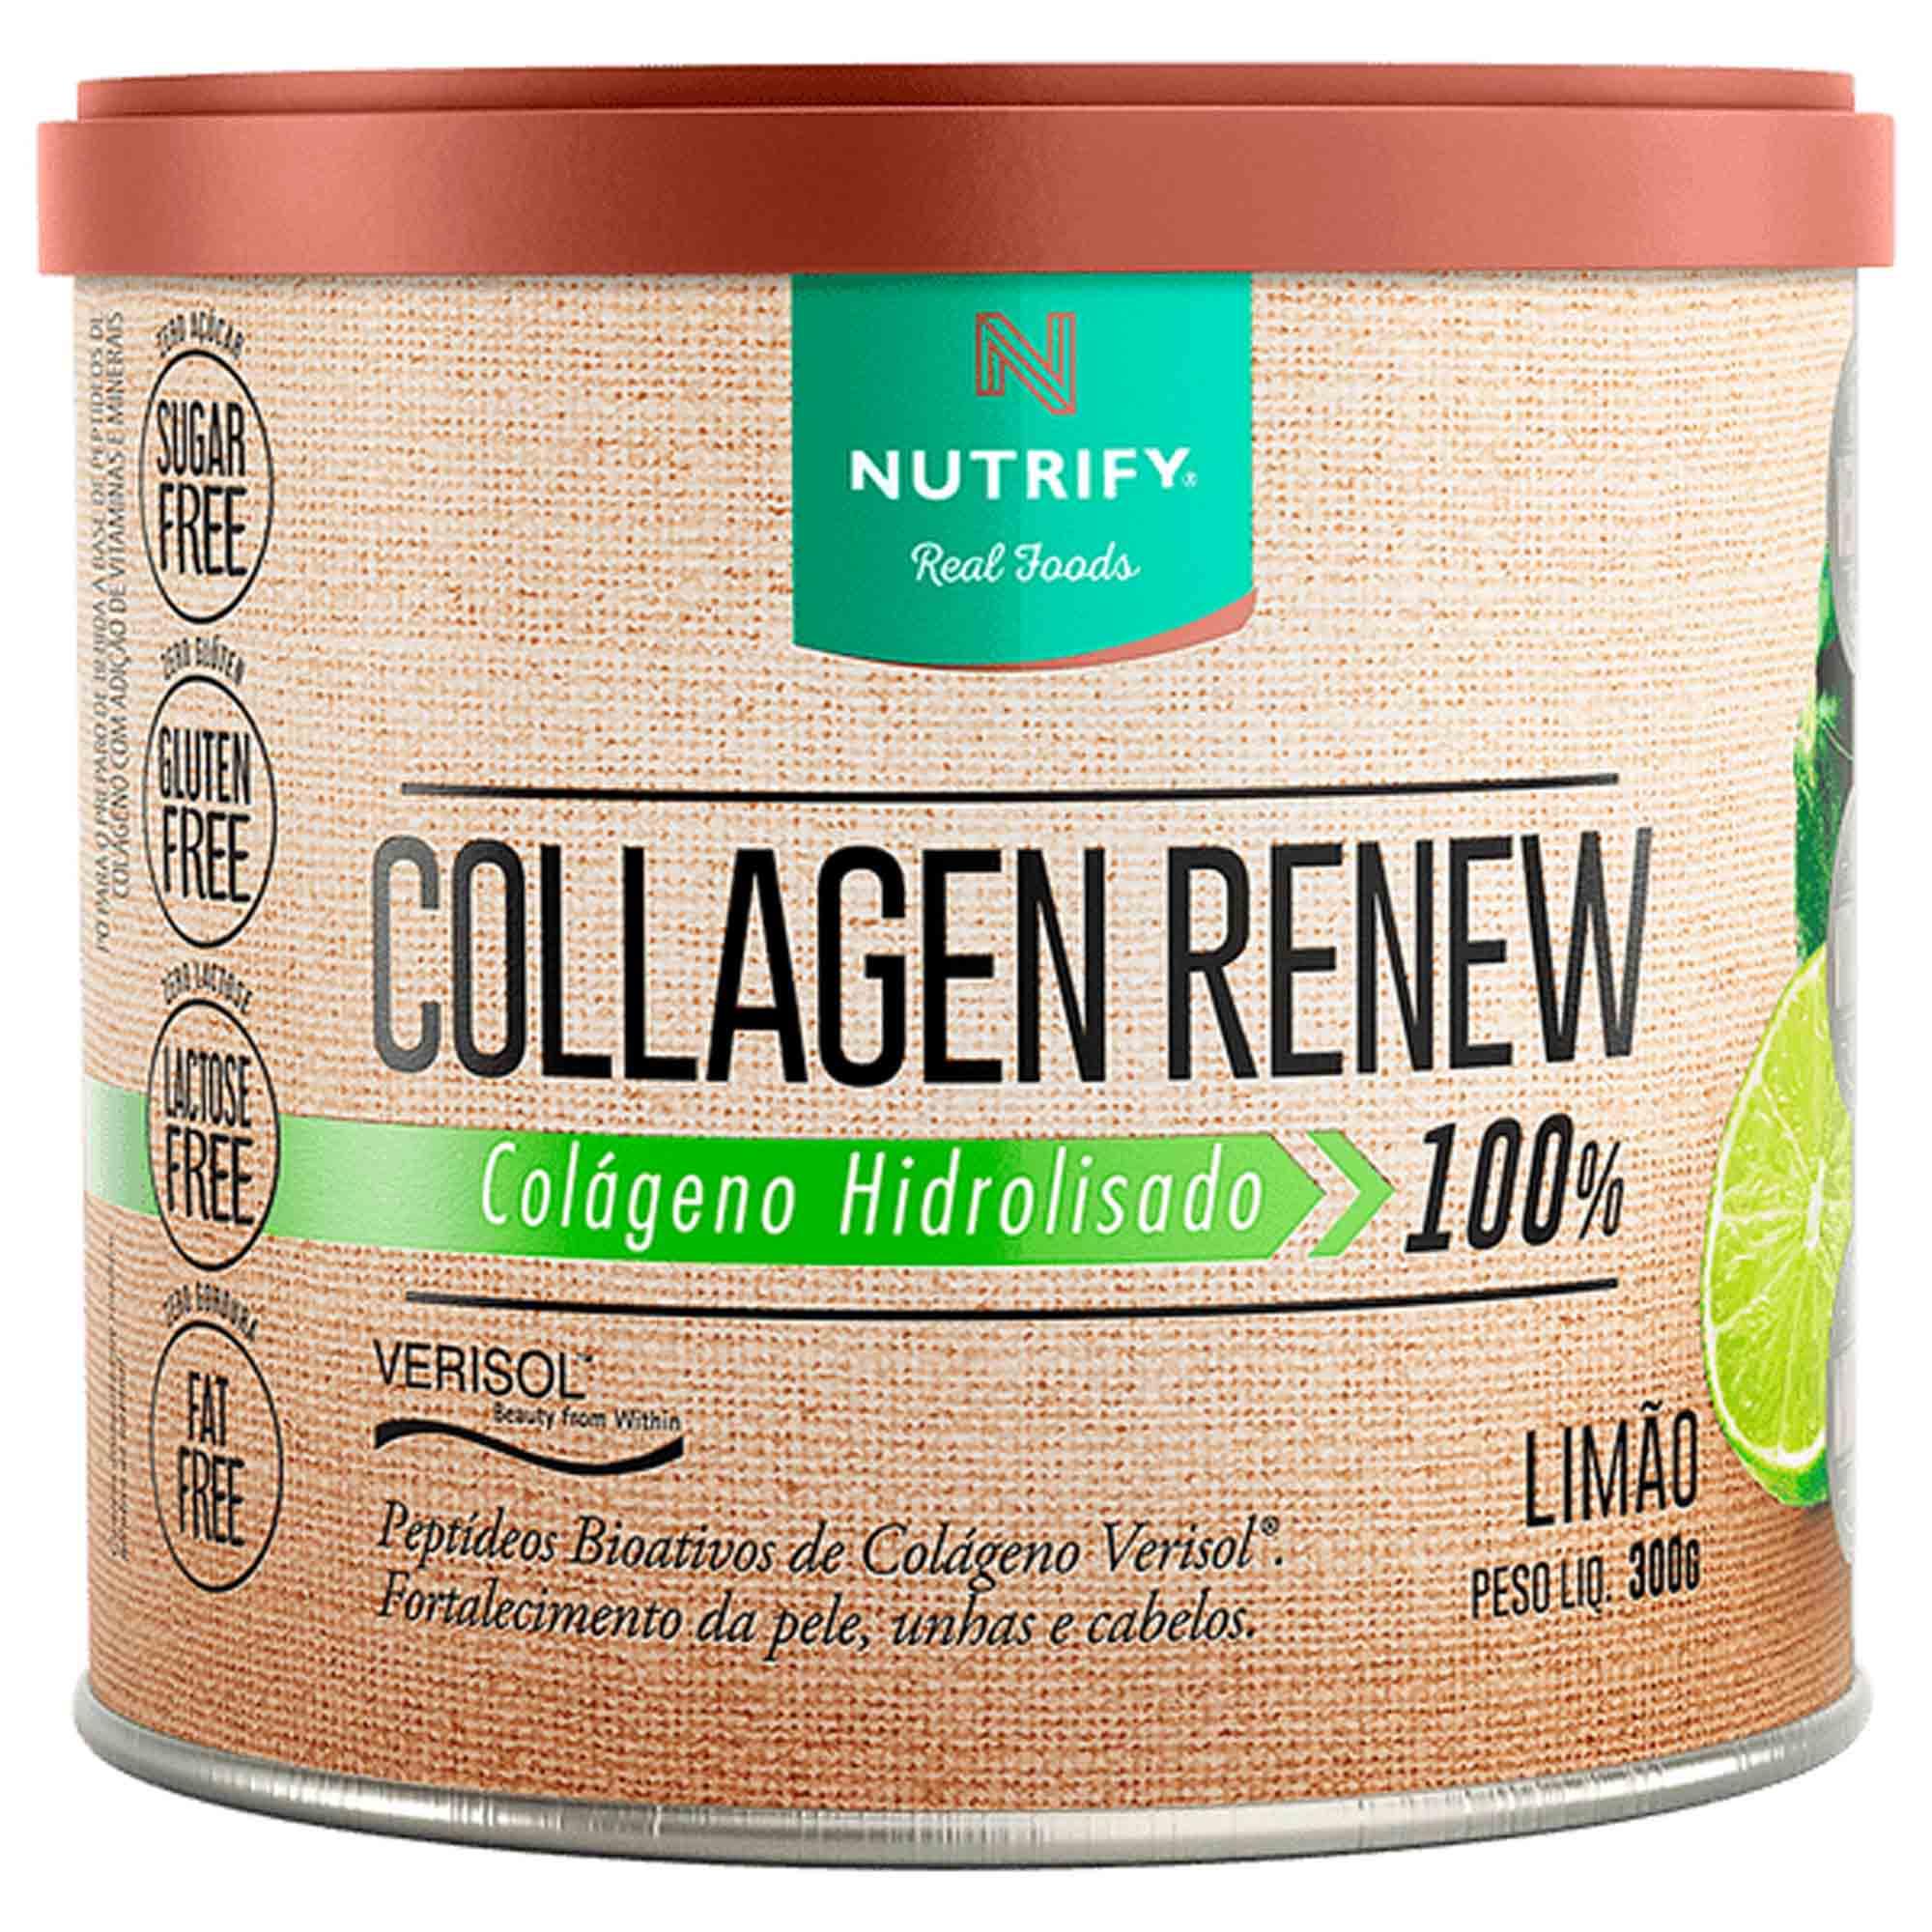 Collagen Renew sabor Limão 300g Nutrify